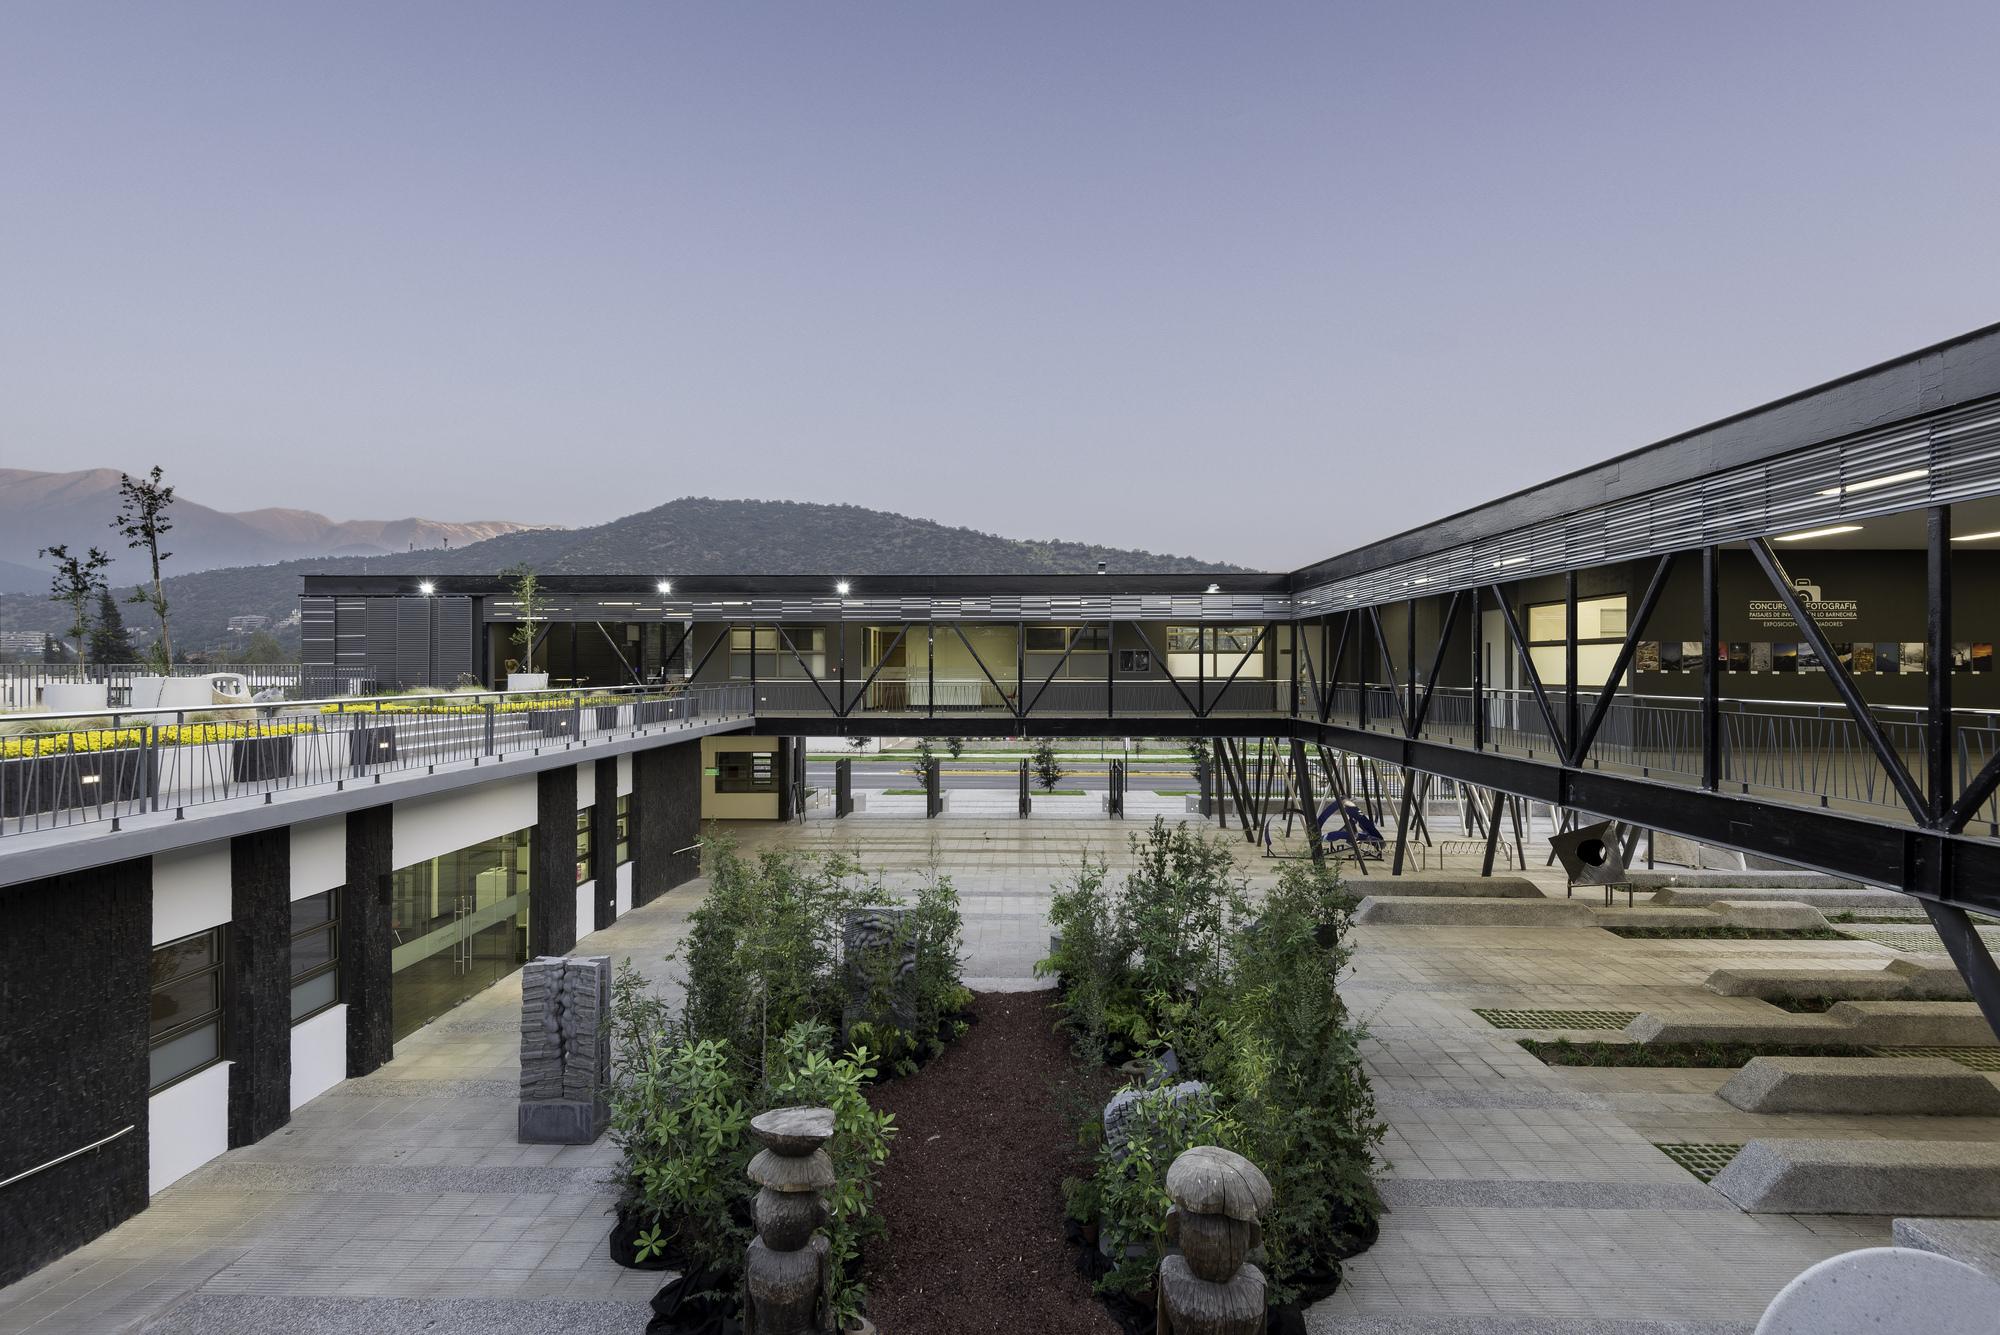 Centro cultural el tranque bis arquitectos plataforma for Arquitectura de proyectos